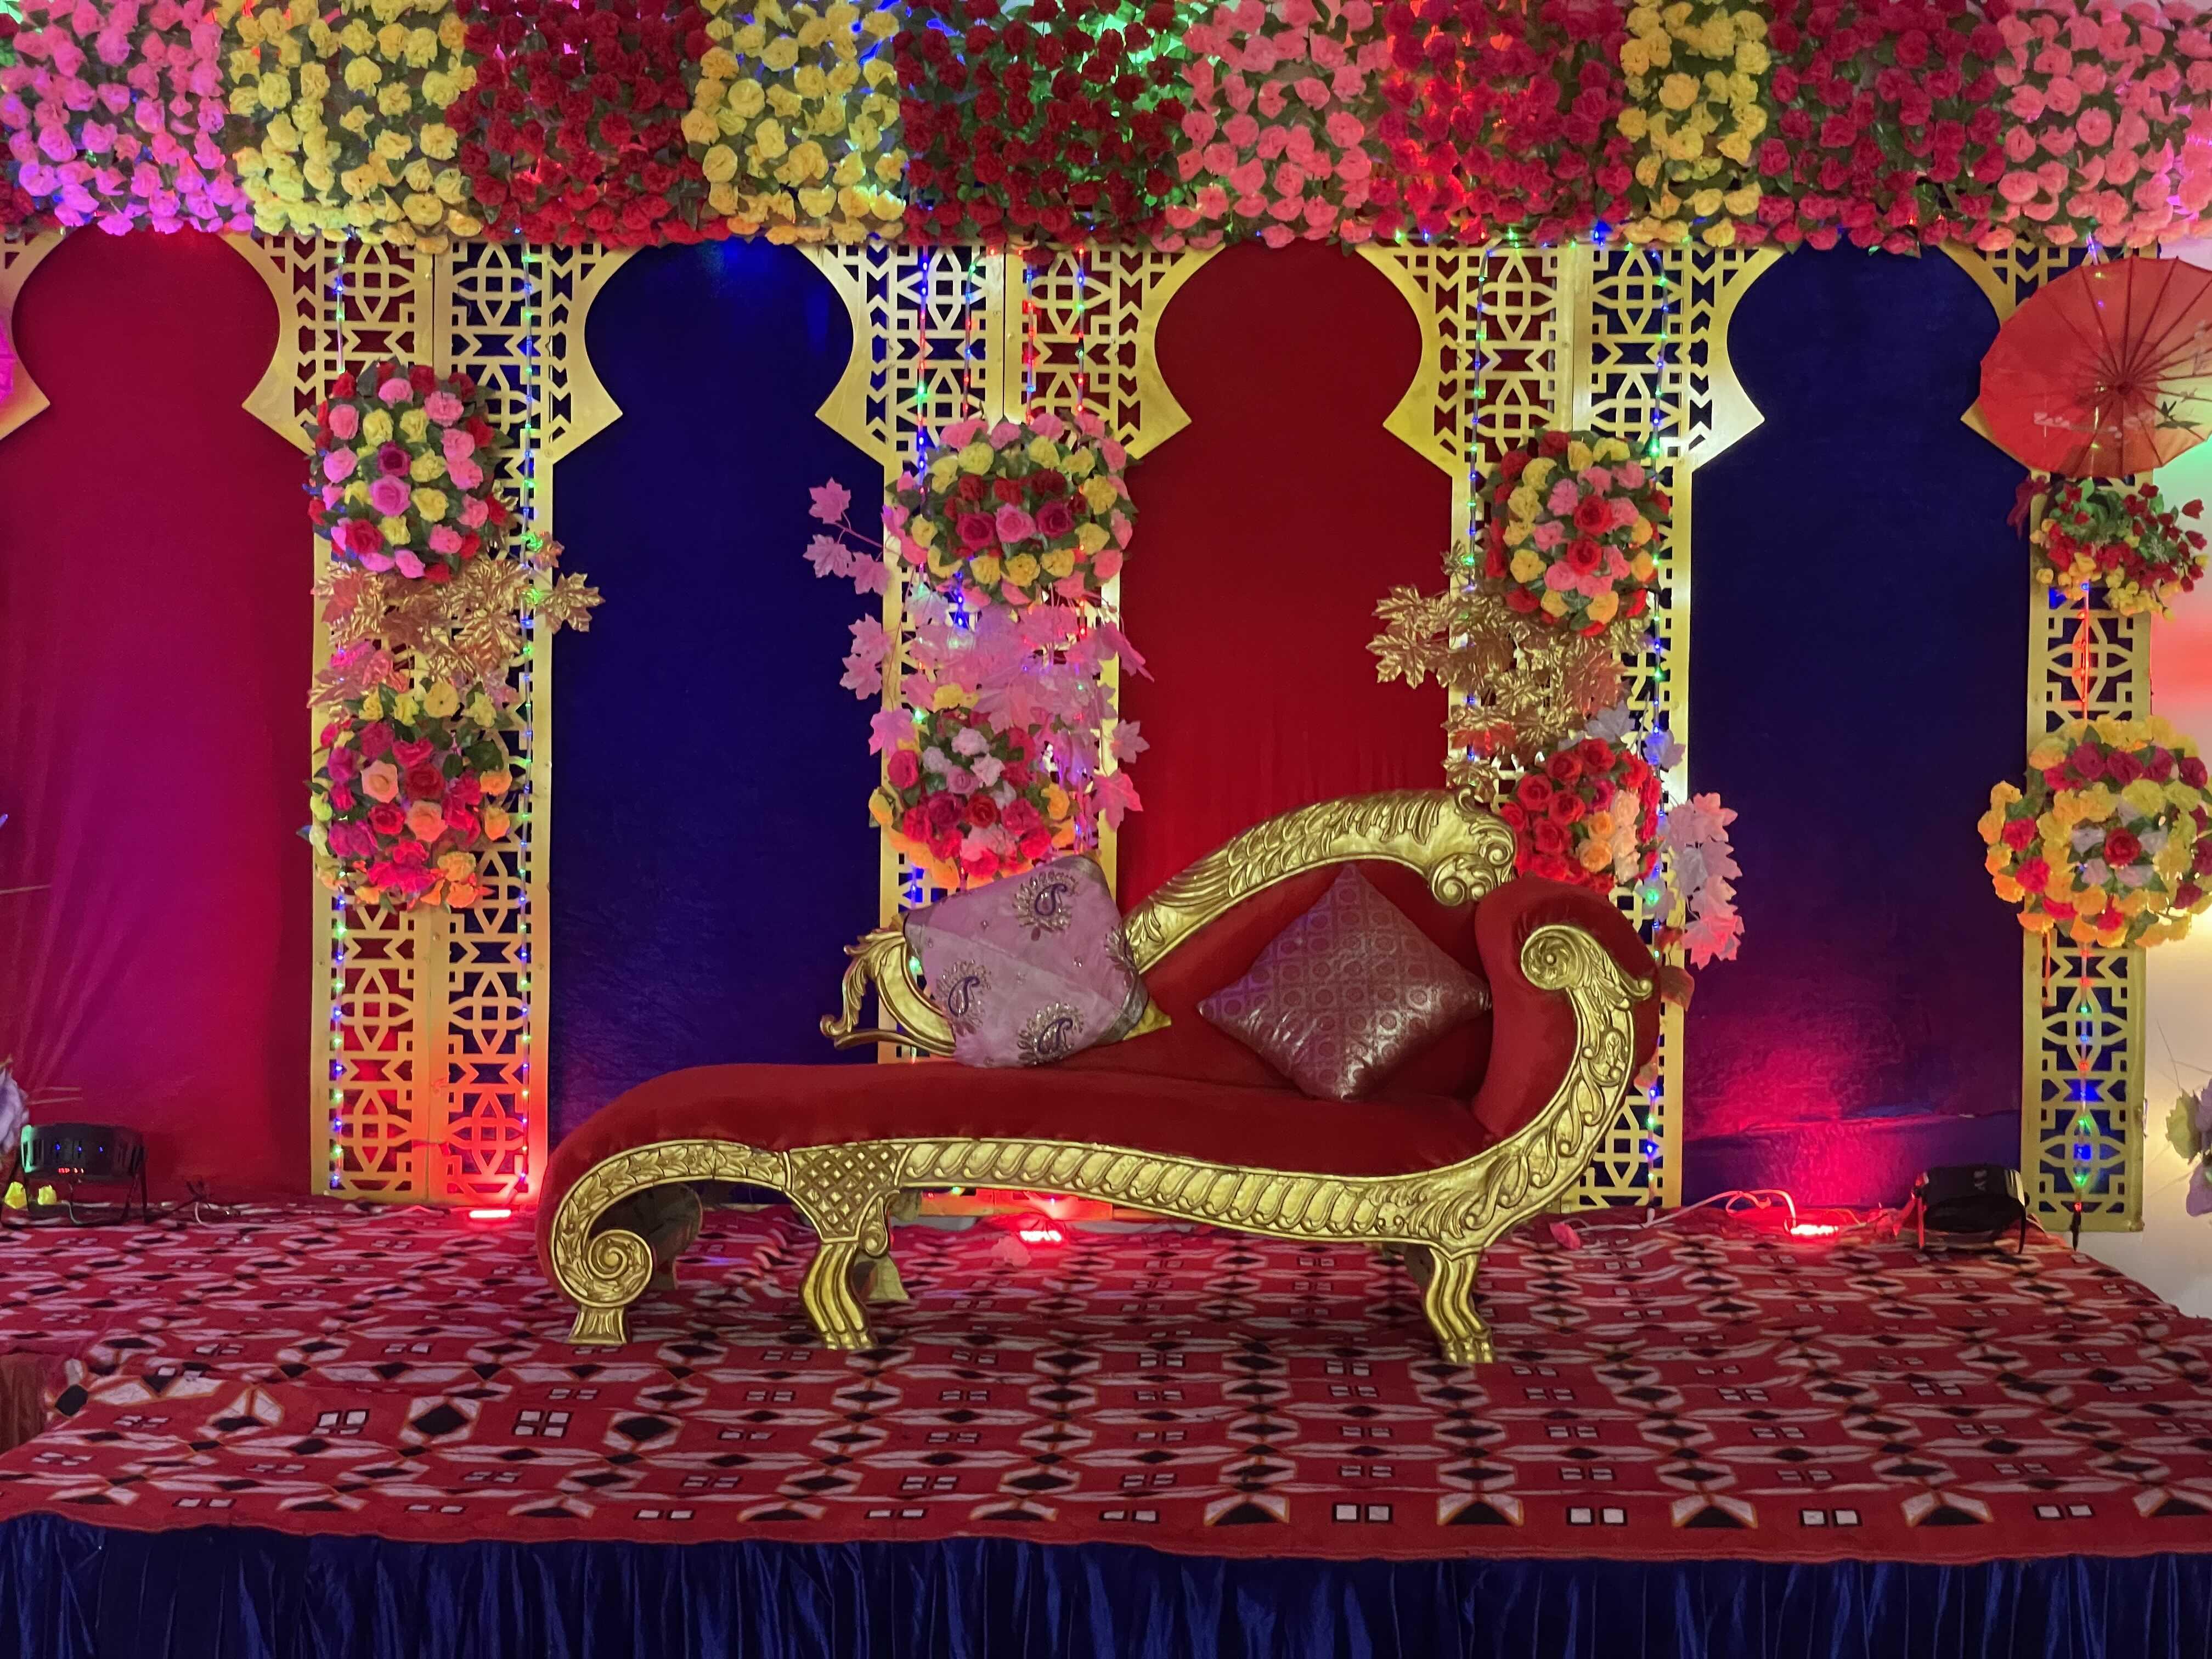 Royal Palace Banquet